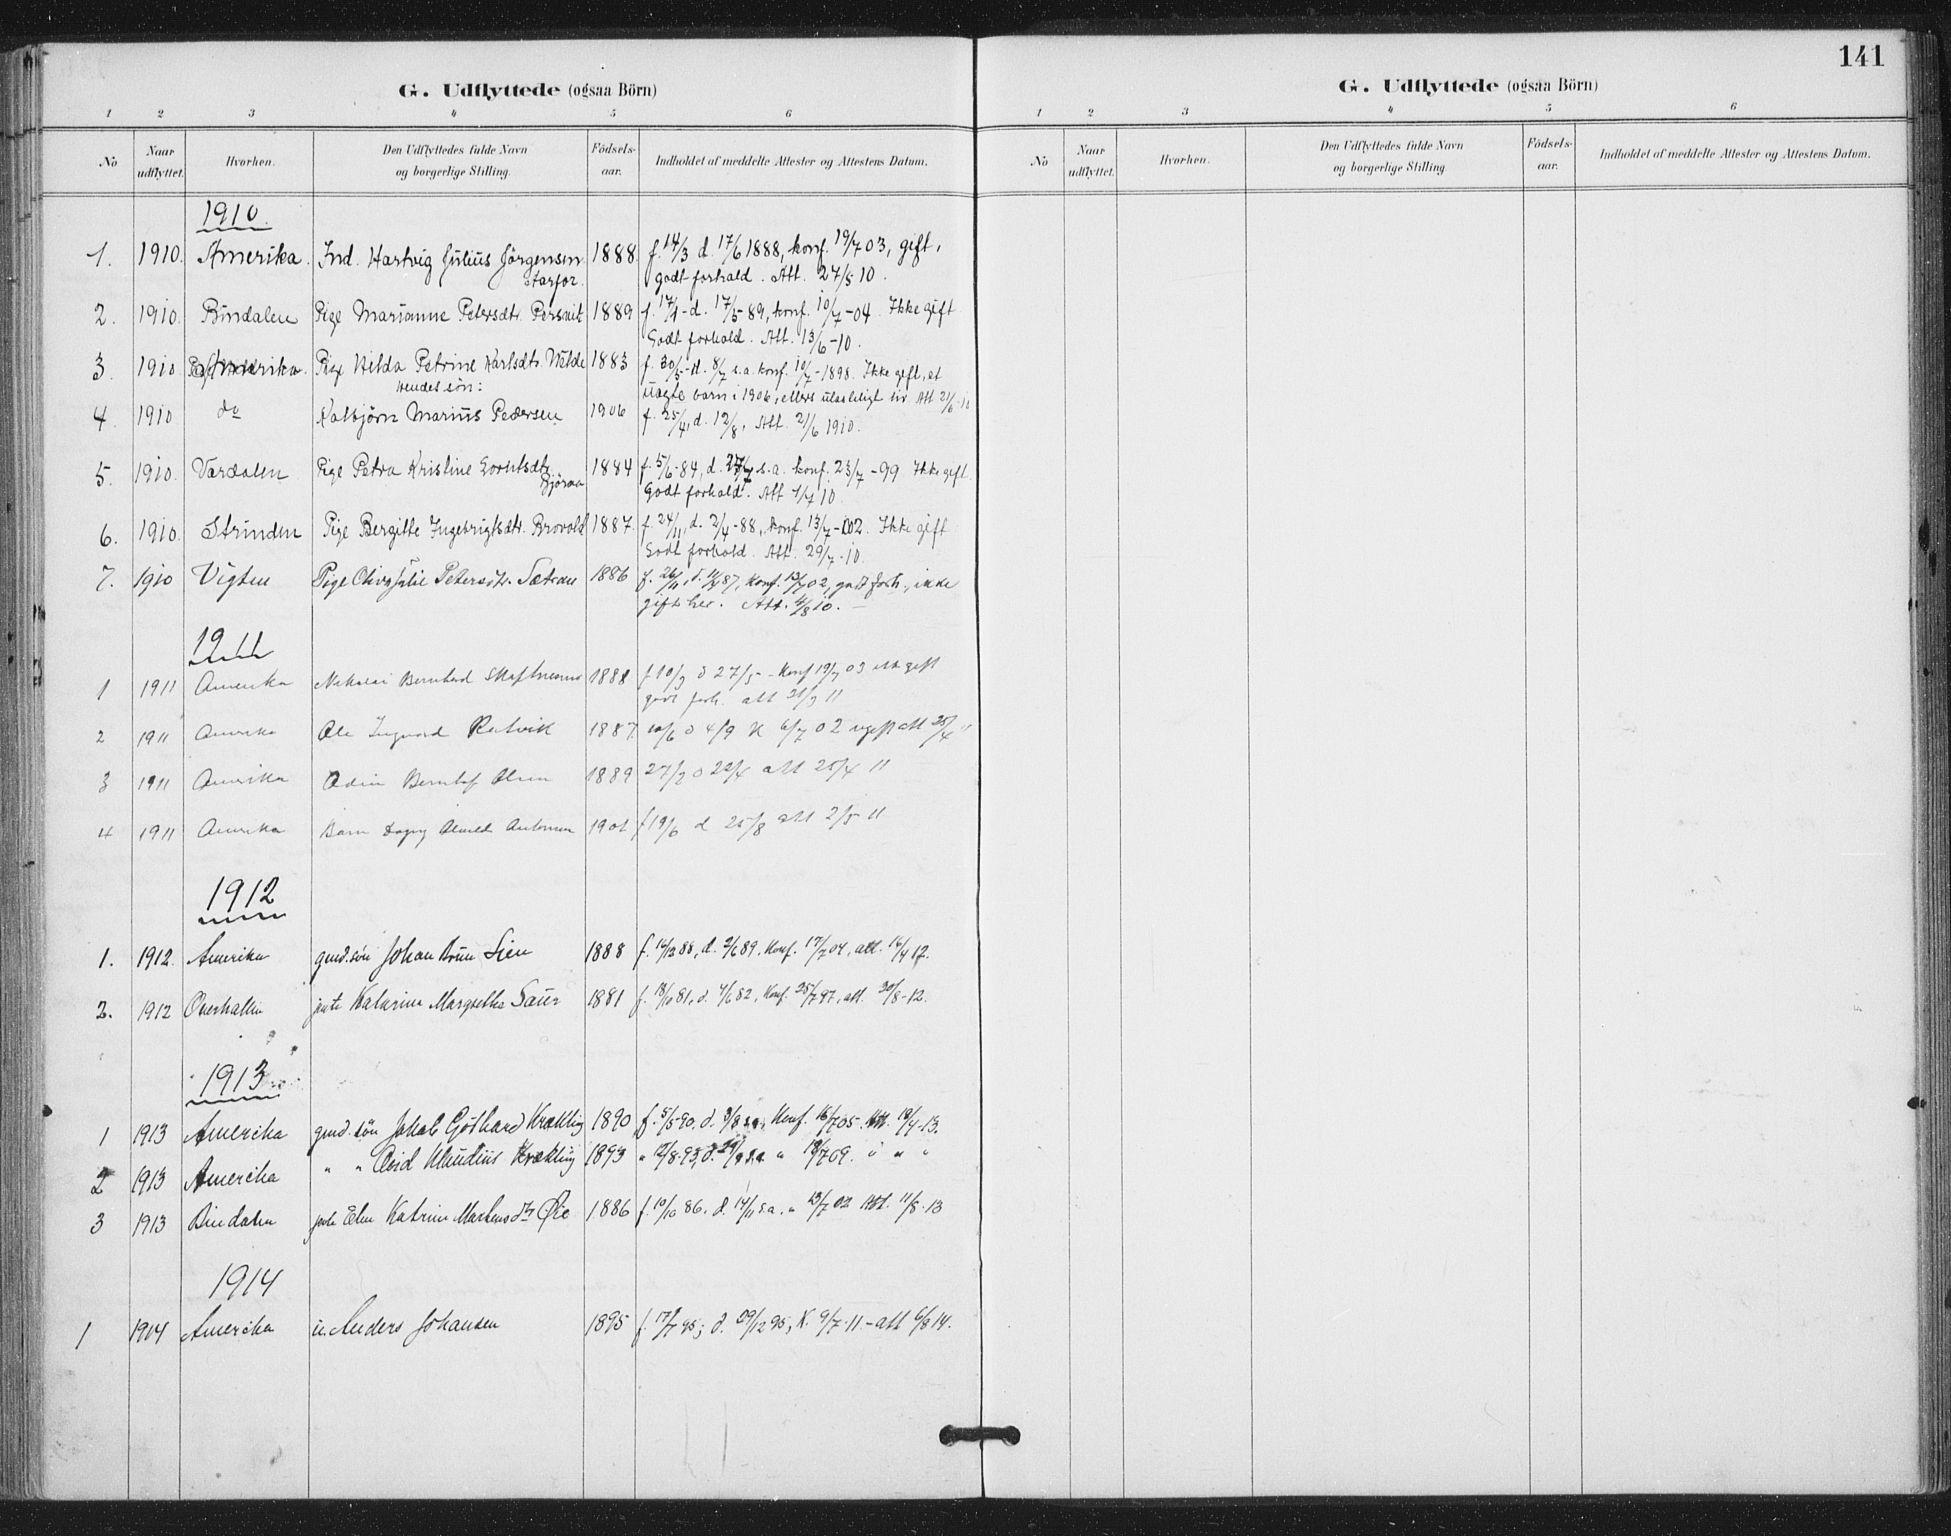 SAT, Ministerialprotokoller, klokkerbøker og fødselsregistre - Nord-Trøndelag, 783/L0660: Ministerialbok nr. 783A02, 1886-1918, s. 141